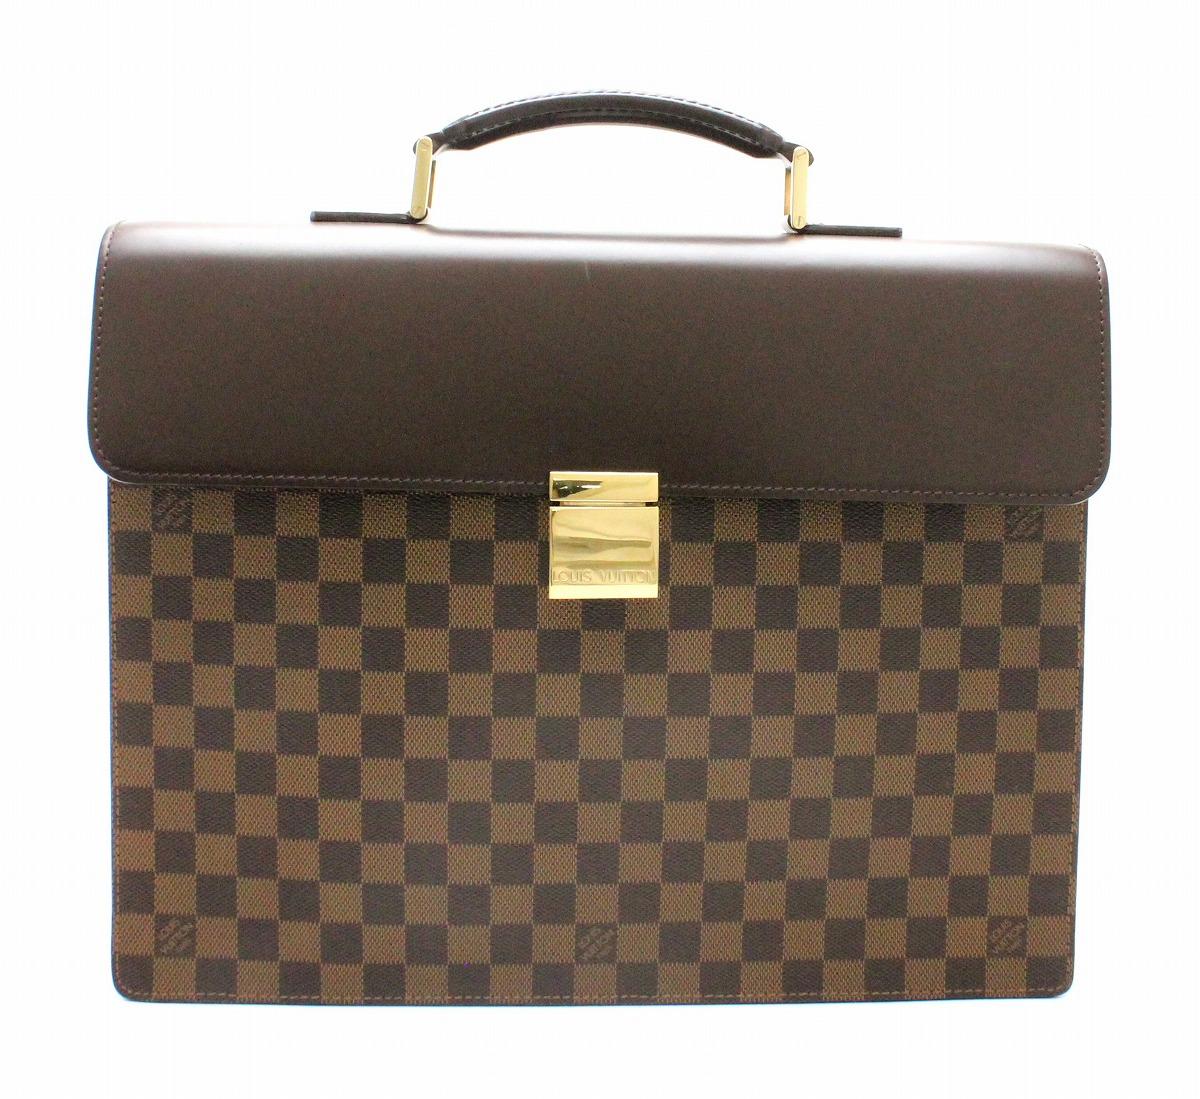 【バッグ】LOUIS VUITTON ルイ ヴィトン ダミエ アルトナ 書類カバン ビジネスバッグ ブリーフケース N53315 【中古】【k】